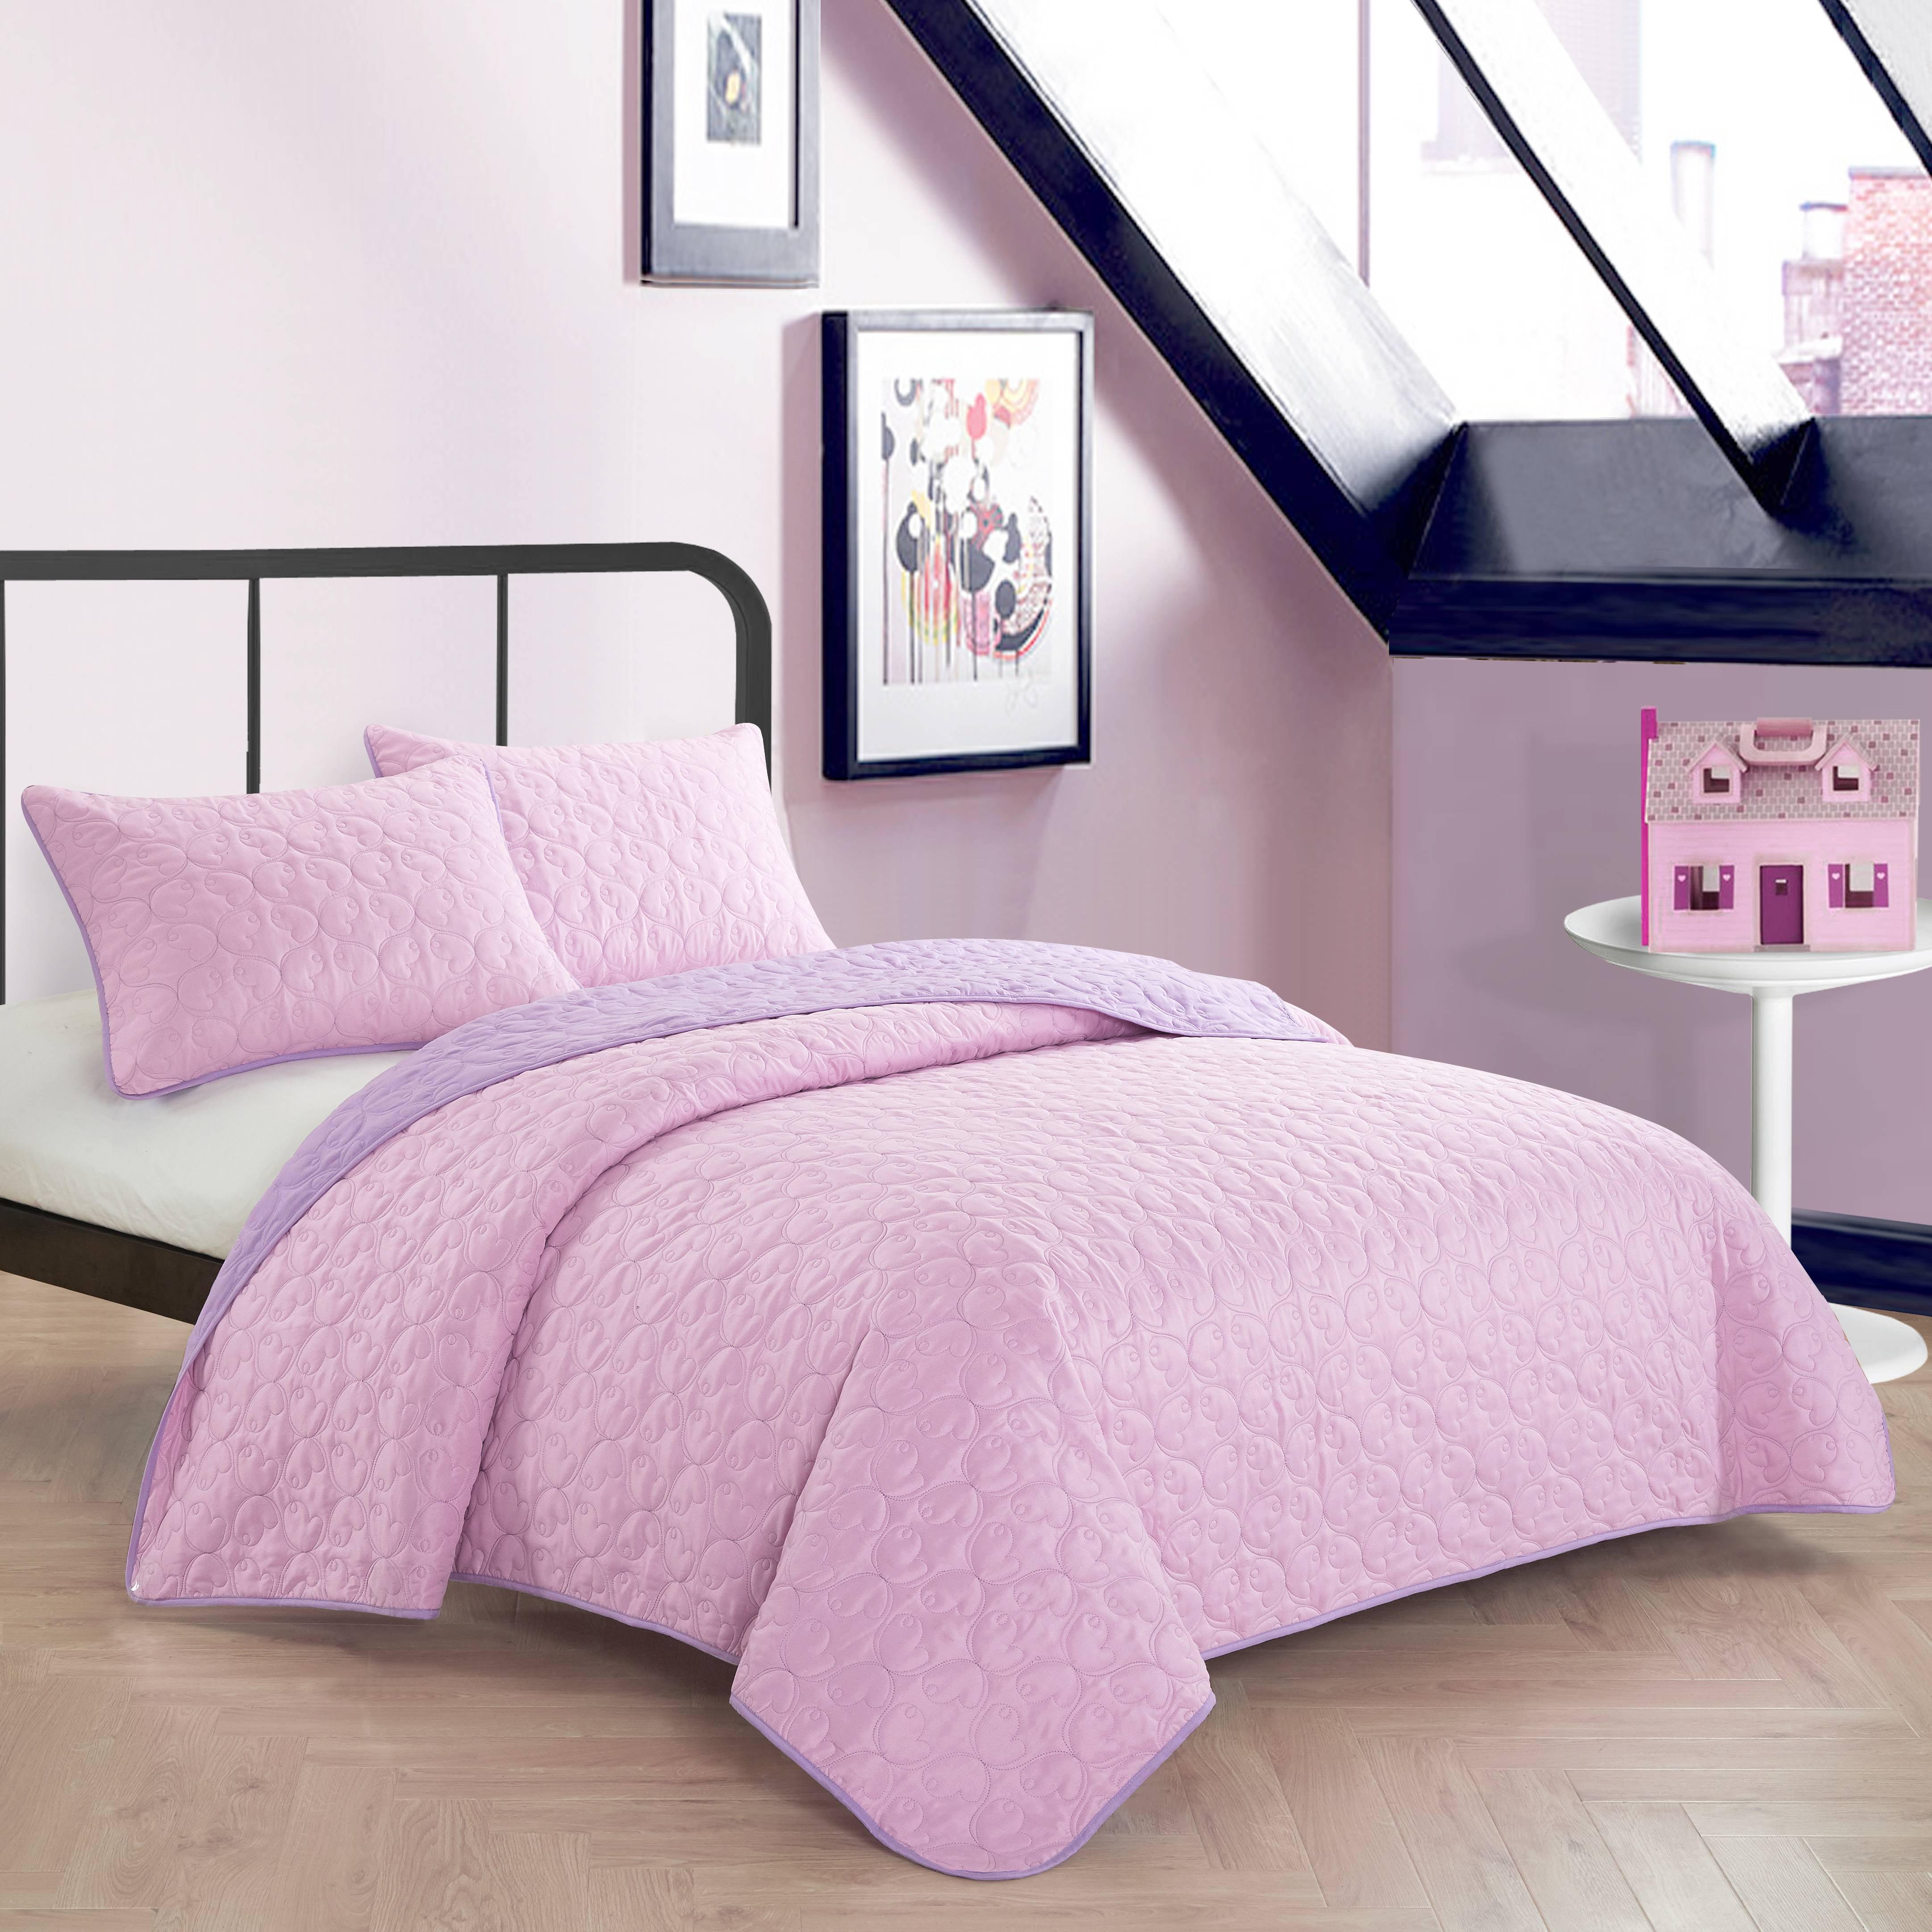 Mainstays Kids Reversible Multi-Color Quilt Set, Multiple Colors/Sizes